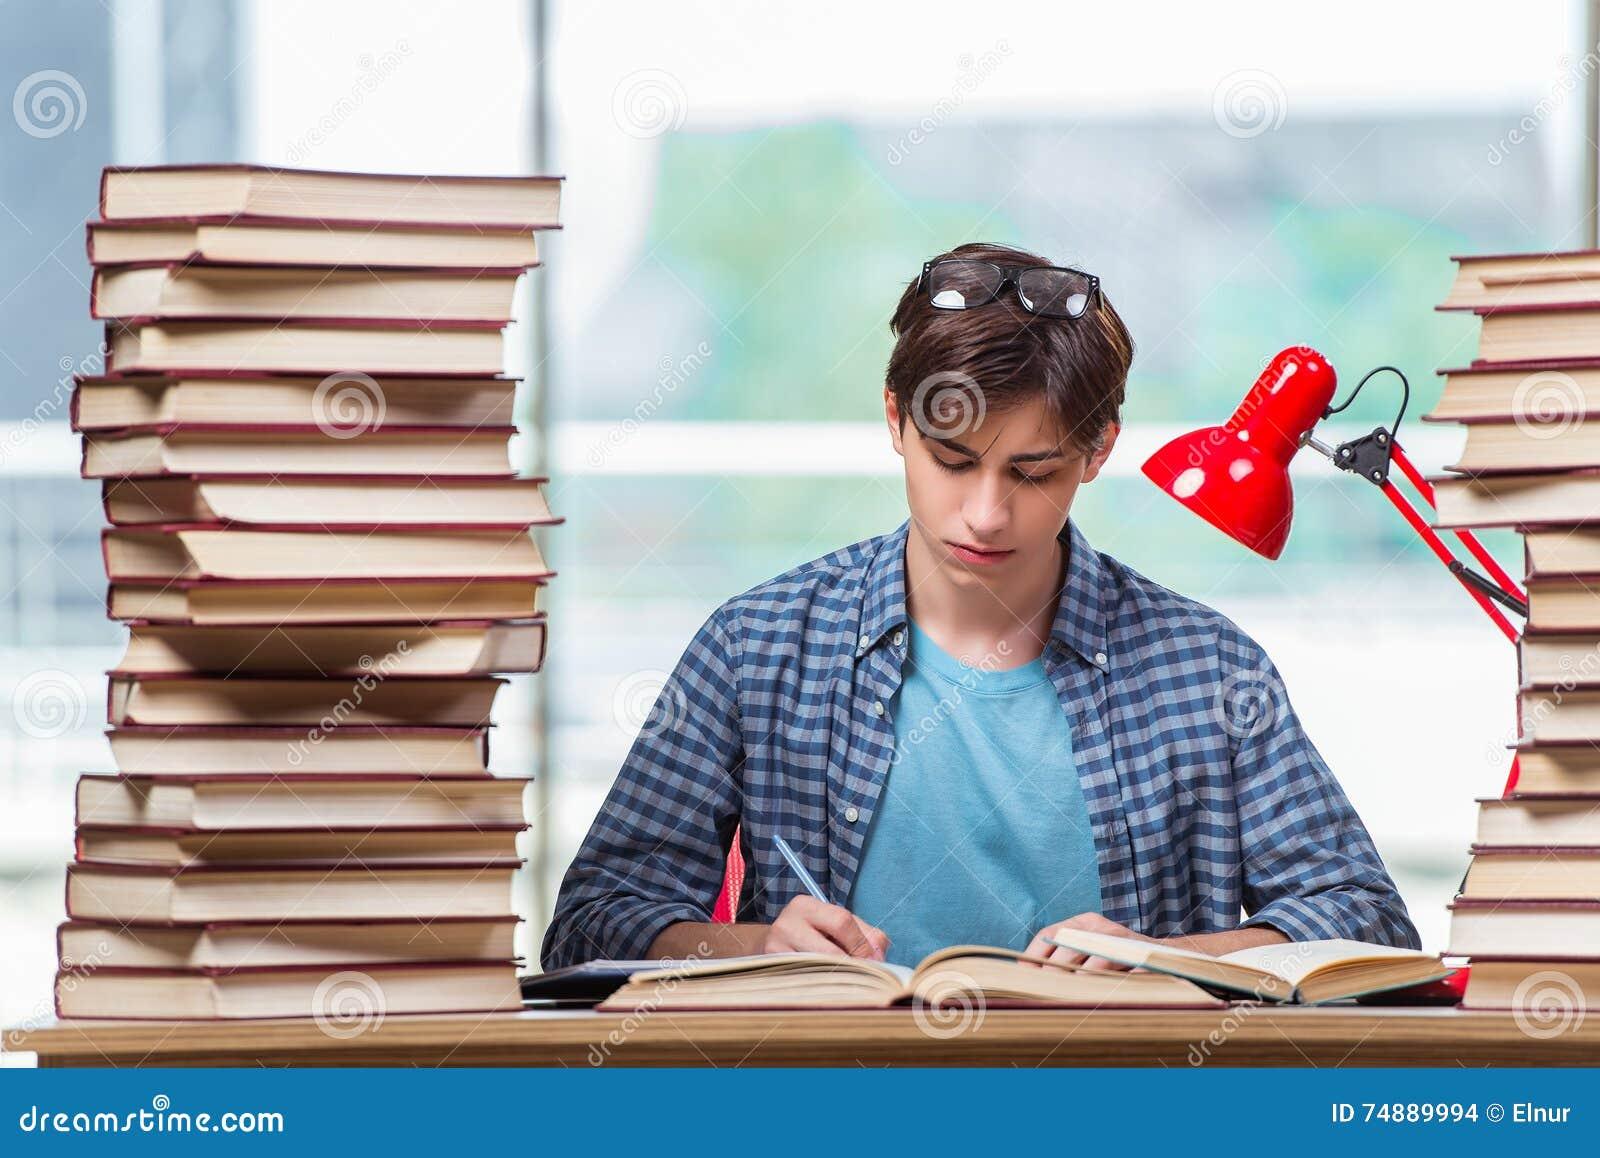 Молодой студент под стрессом перед экзаменами